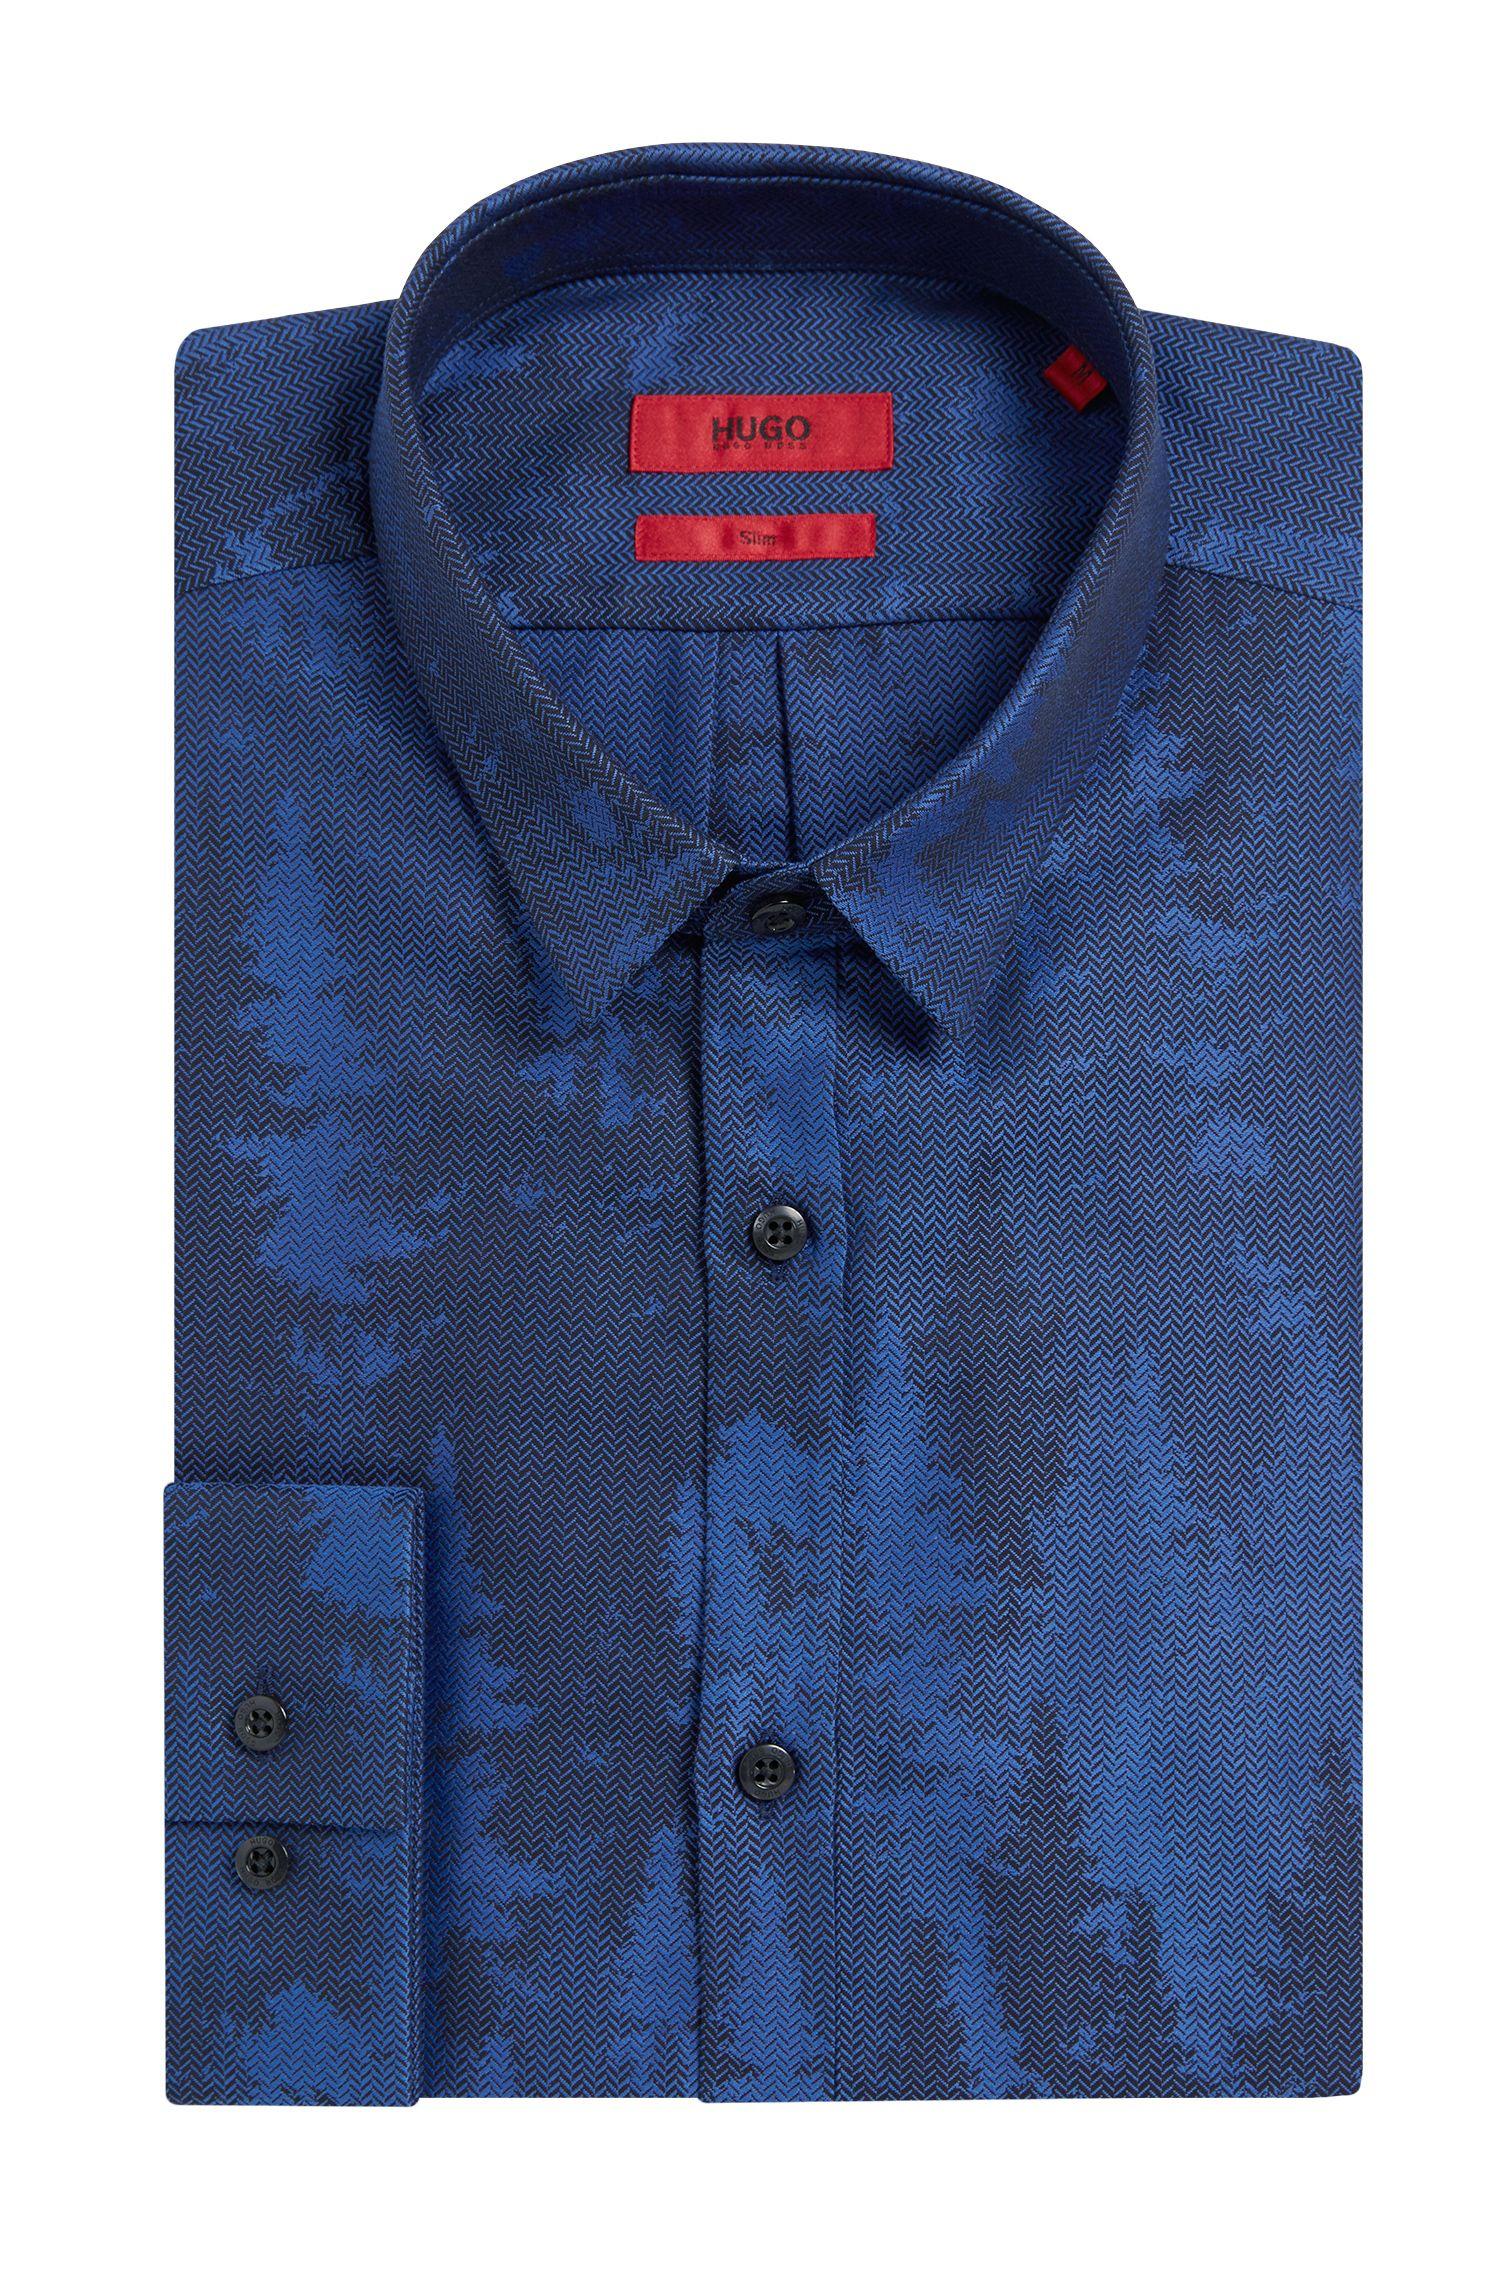 Slim-Fit Hemd aus Baumwolle mit Hahentritt-Muster: 'Ero3'